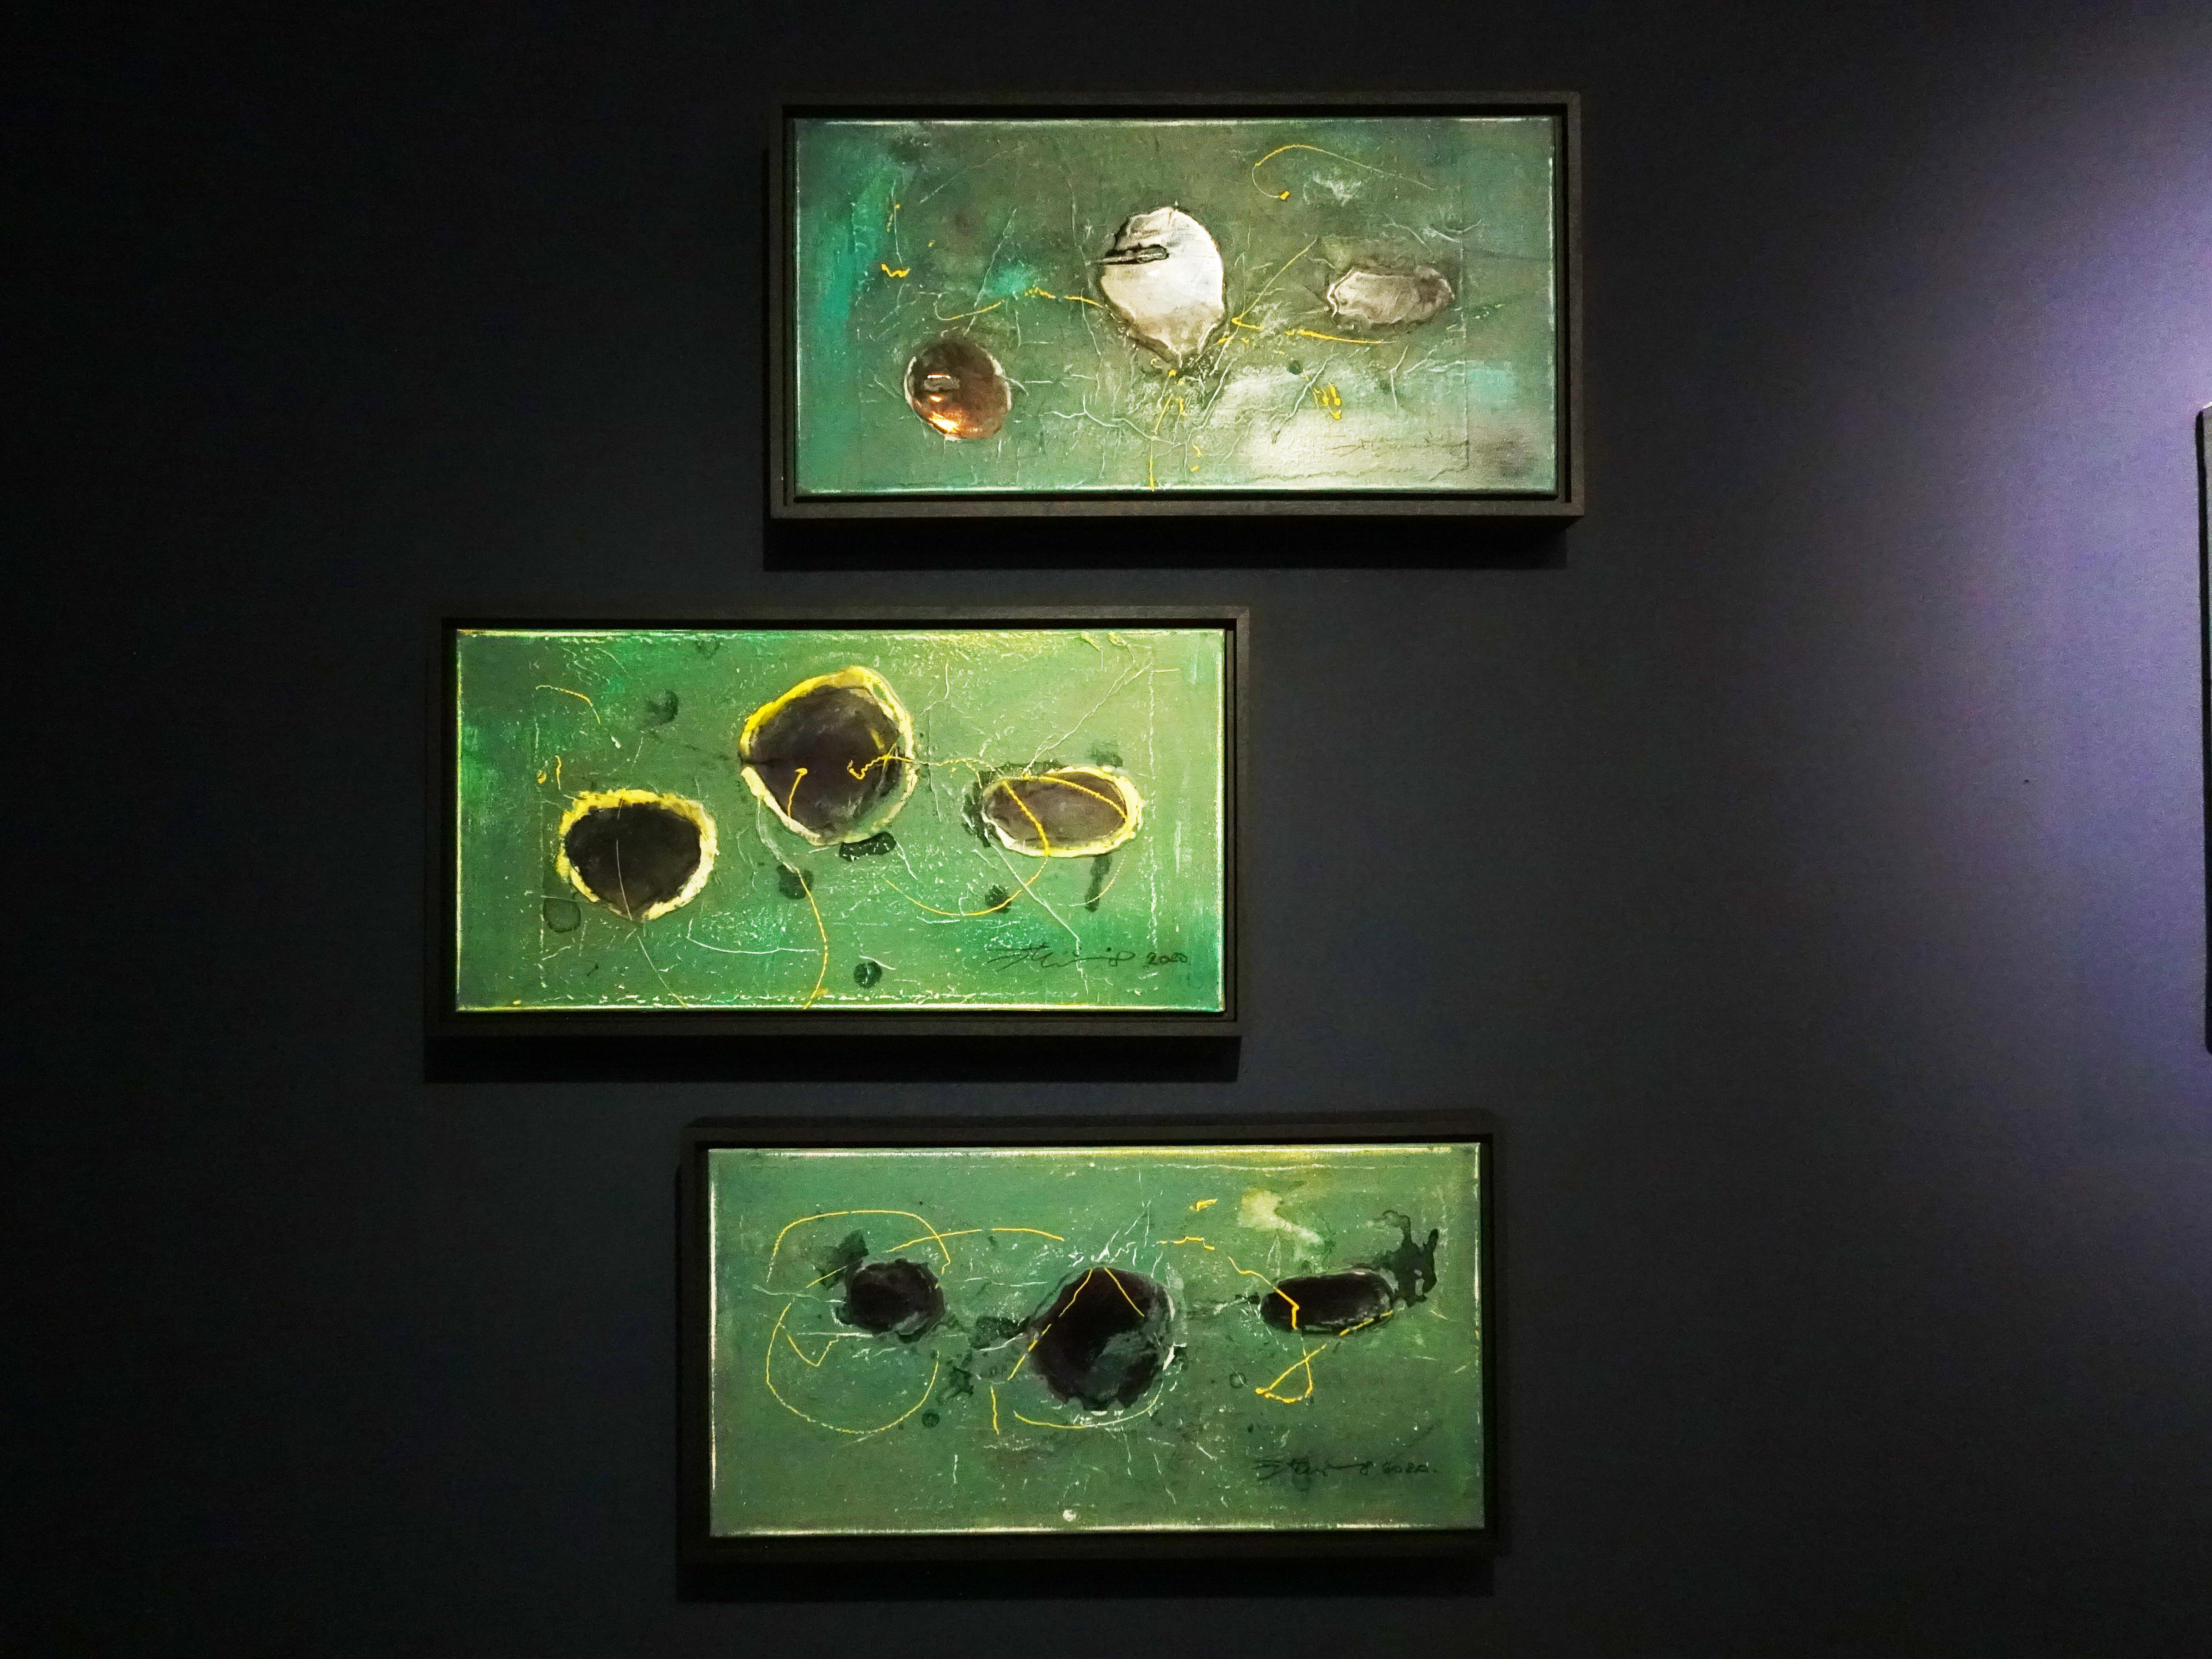 洪明爵,《海洋印記VII》上、《海洋印記IX》中、《海洋印記VIII》下,60 x30 cm,複合媒材,2020。